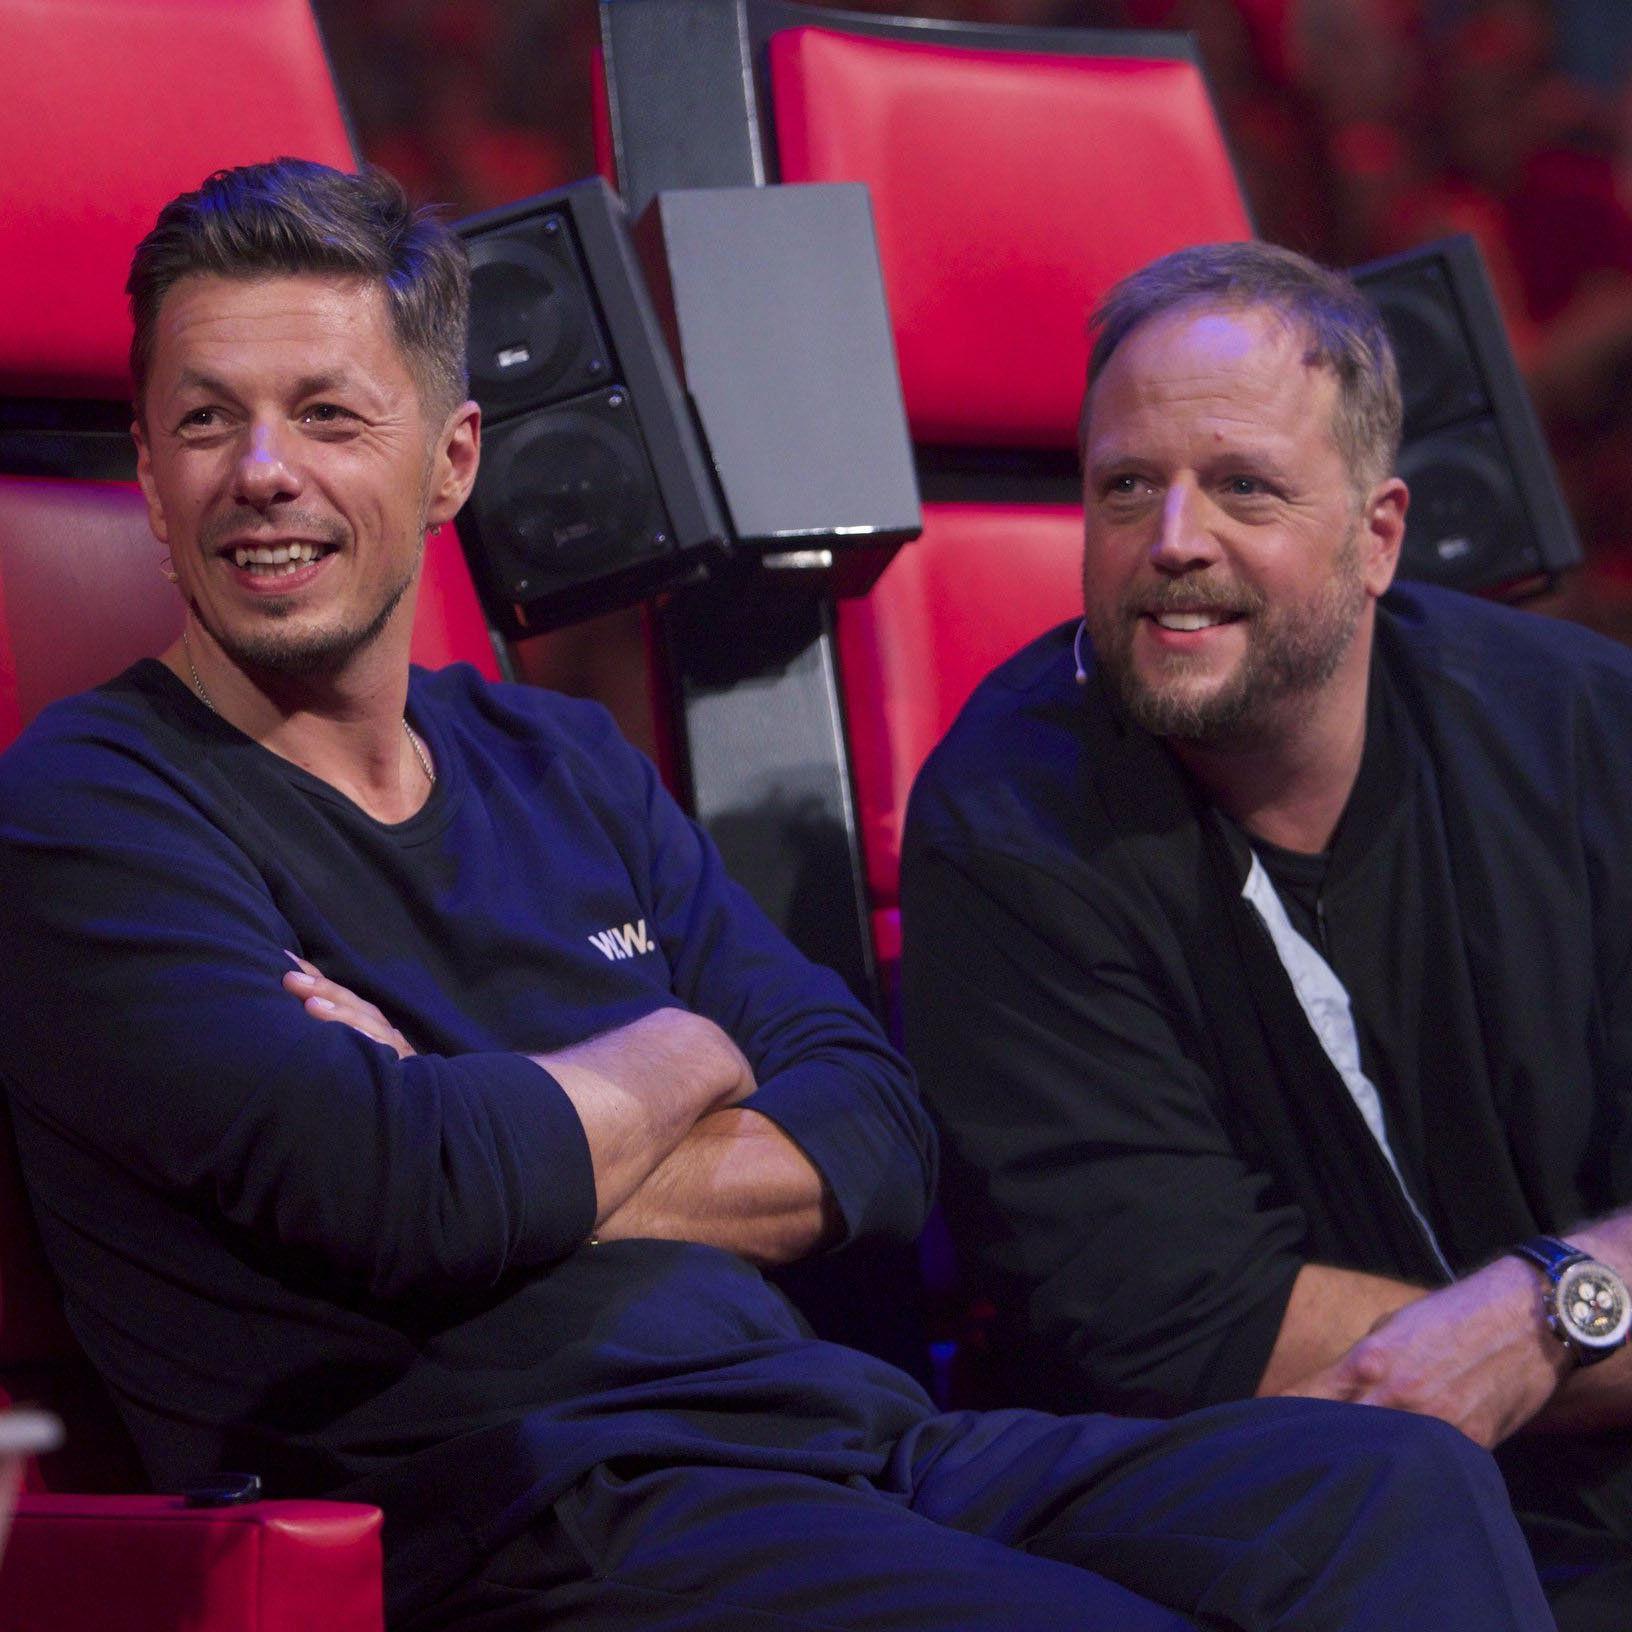 Michi Beck und Smudo: 25 Jahre im Musik-Business aber das haben sie noch nicht erlebt.